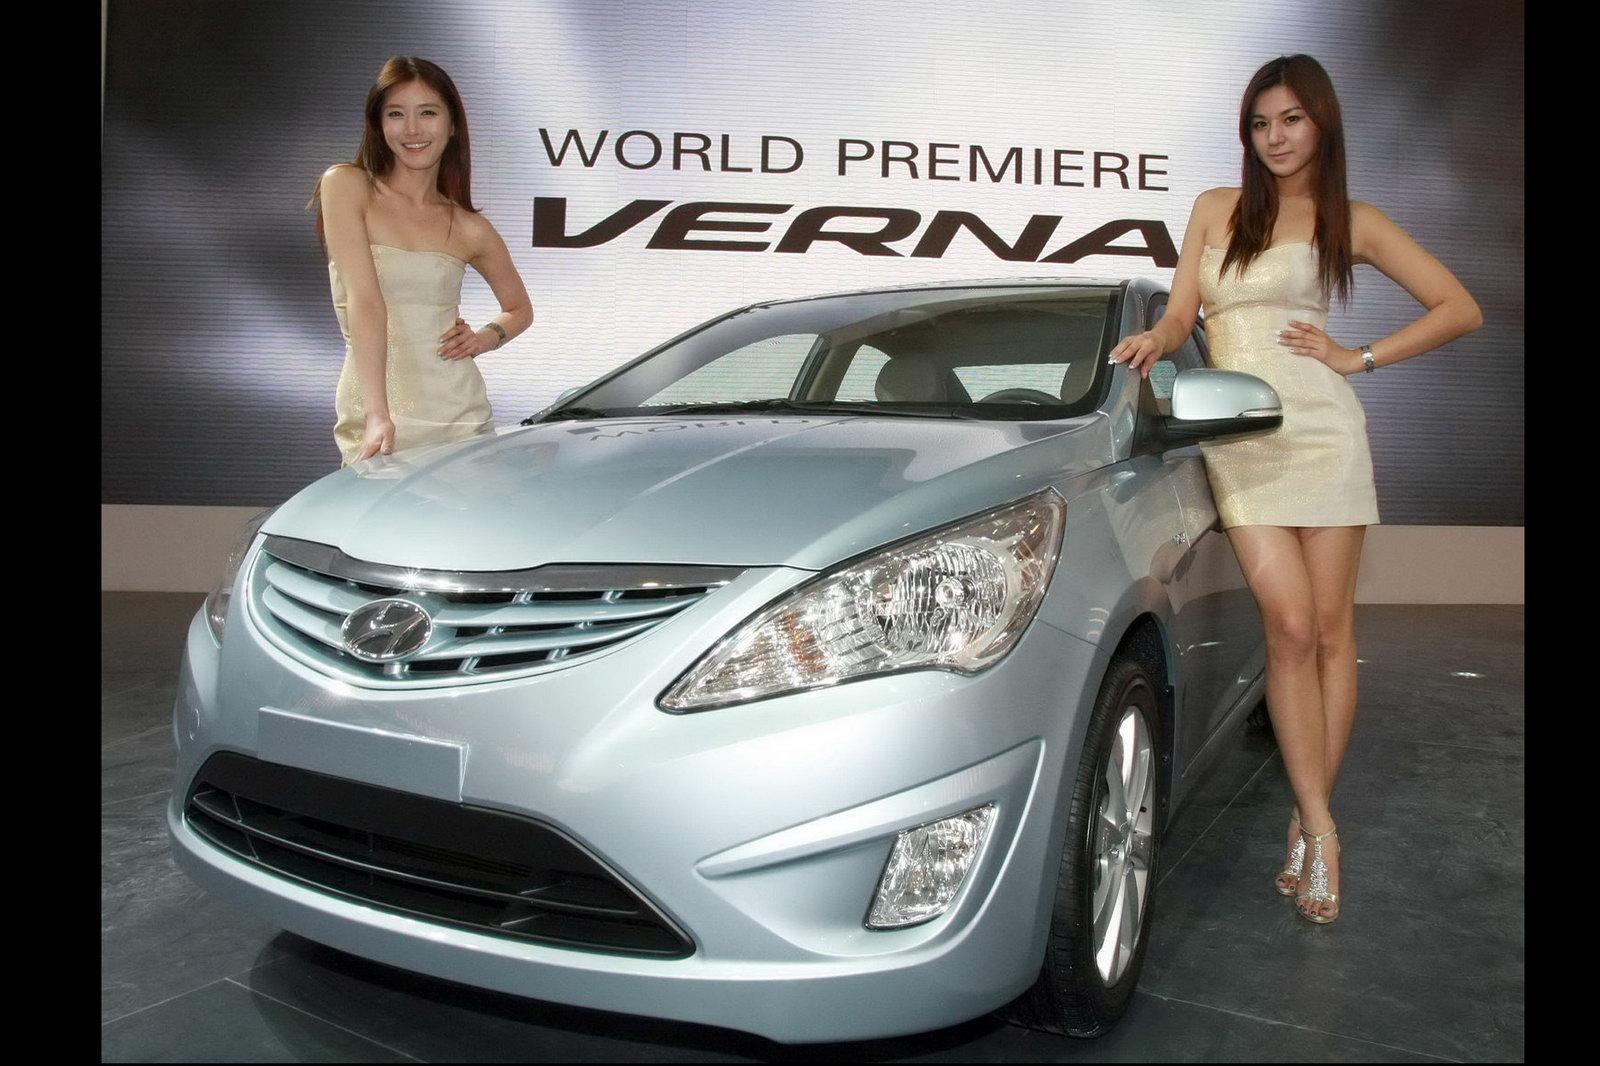 Used Hyundai Sonata >> New Hyundai Accent (Verna): Mini-Me Sonata Debuts at ...